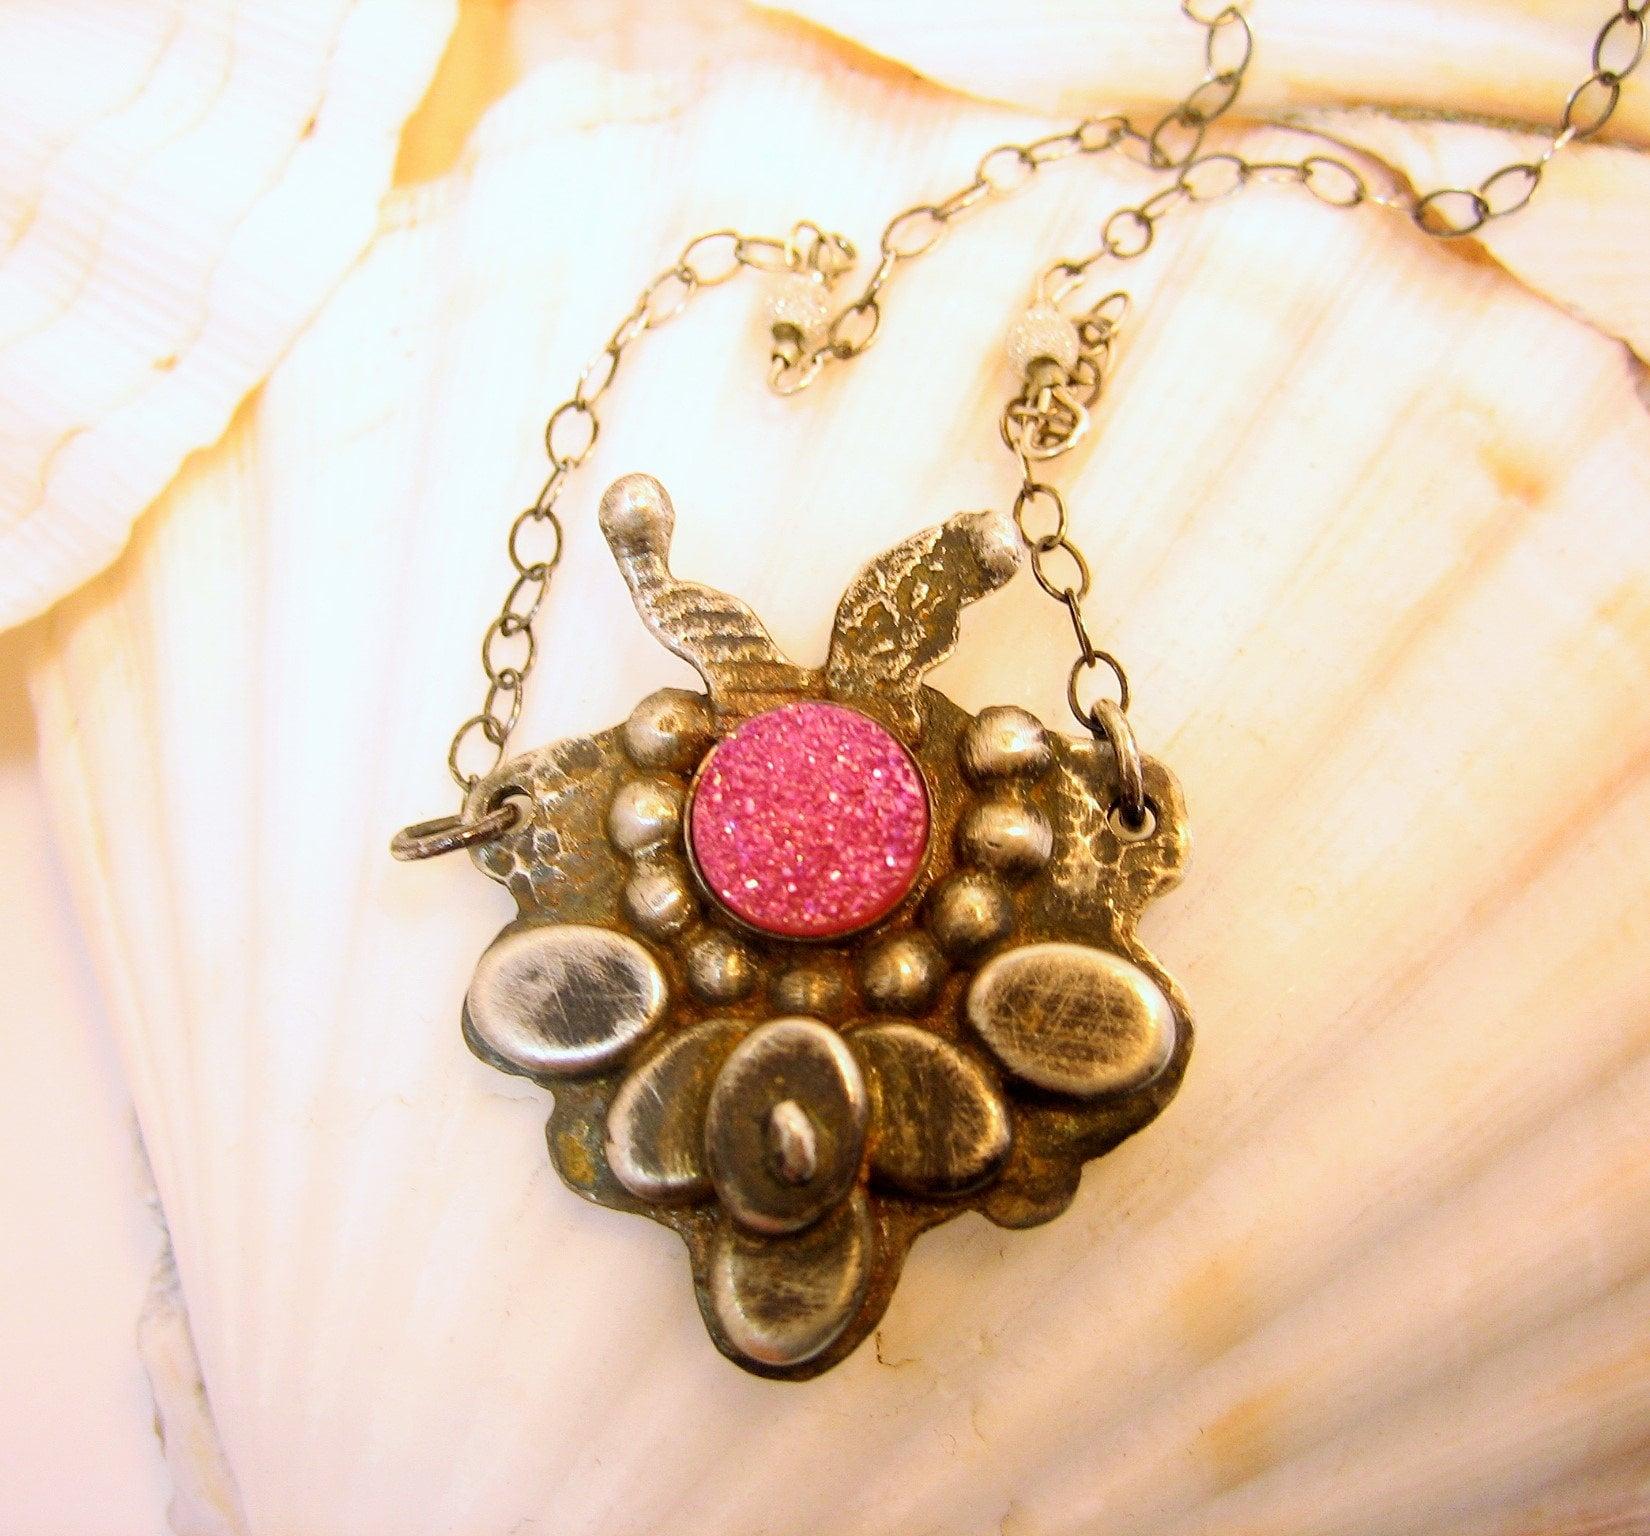 Pink druzy quartz flower pendant necklace, unique pod silver pendant, one of a kind silver pink pod flower necklace